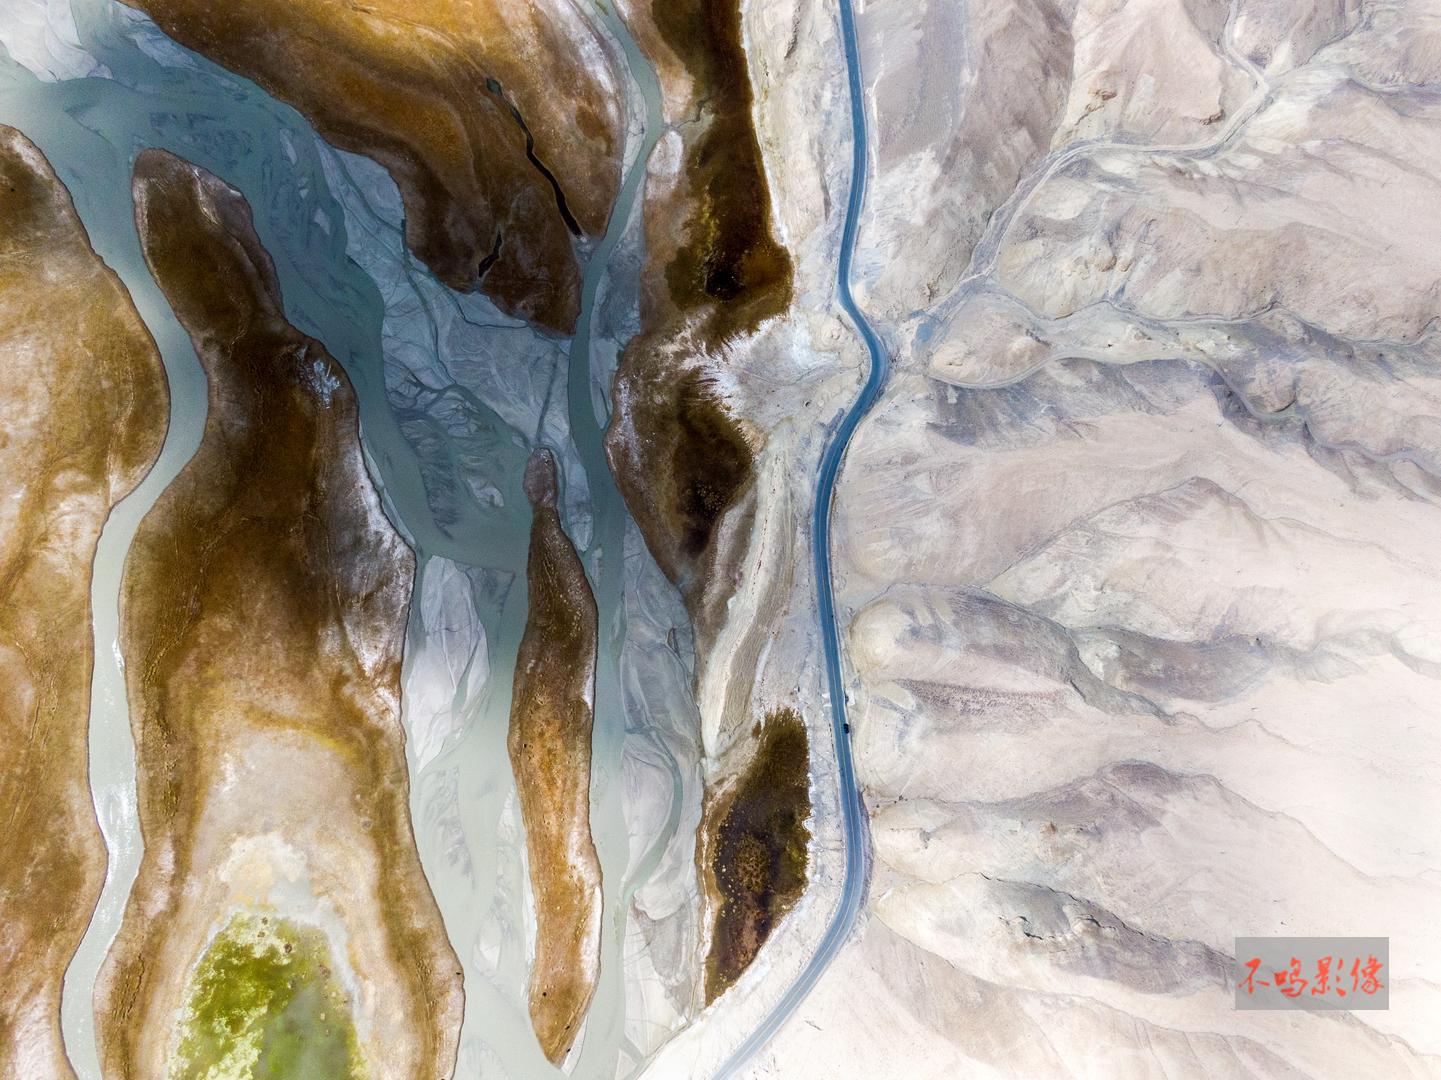 hk_c_31,湿地和山脉间的公路(新疆通往塔吉克斯坦边境的公路).jpeg